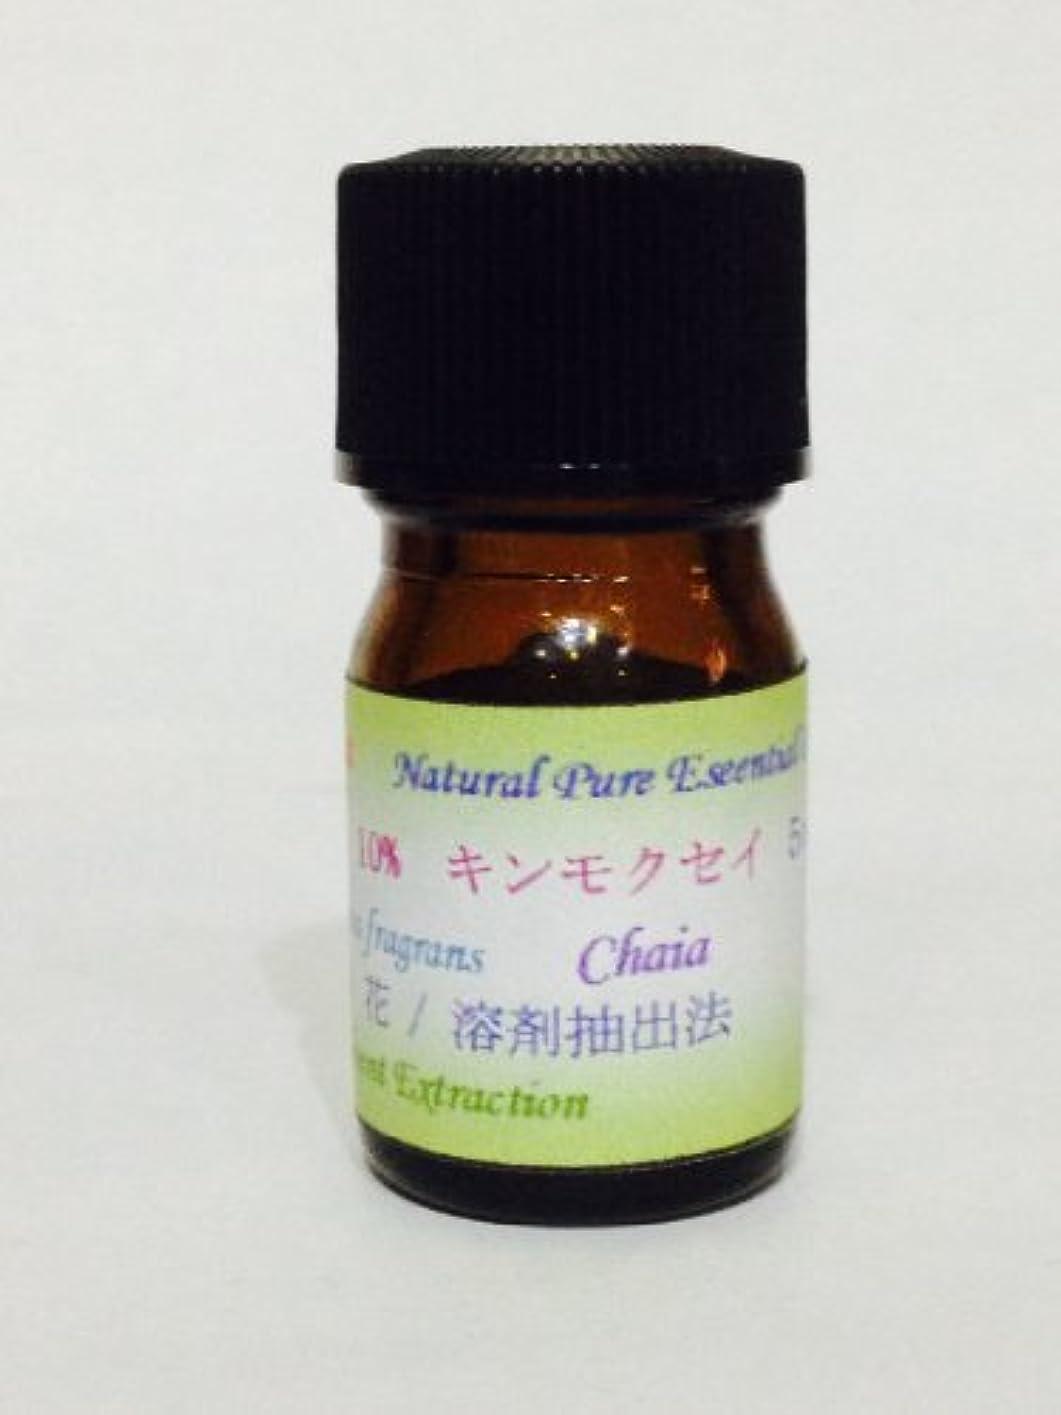 博覧会しないボリュームキンモクセイAbs 10% エッセンシャルオイル 精油 5ml アロマ 季節の花